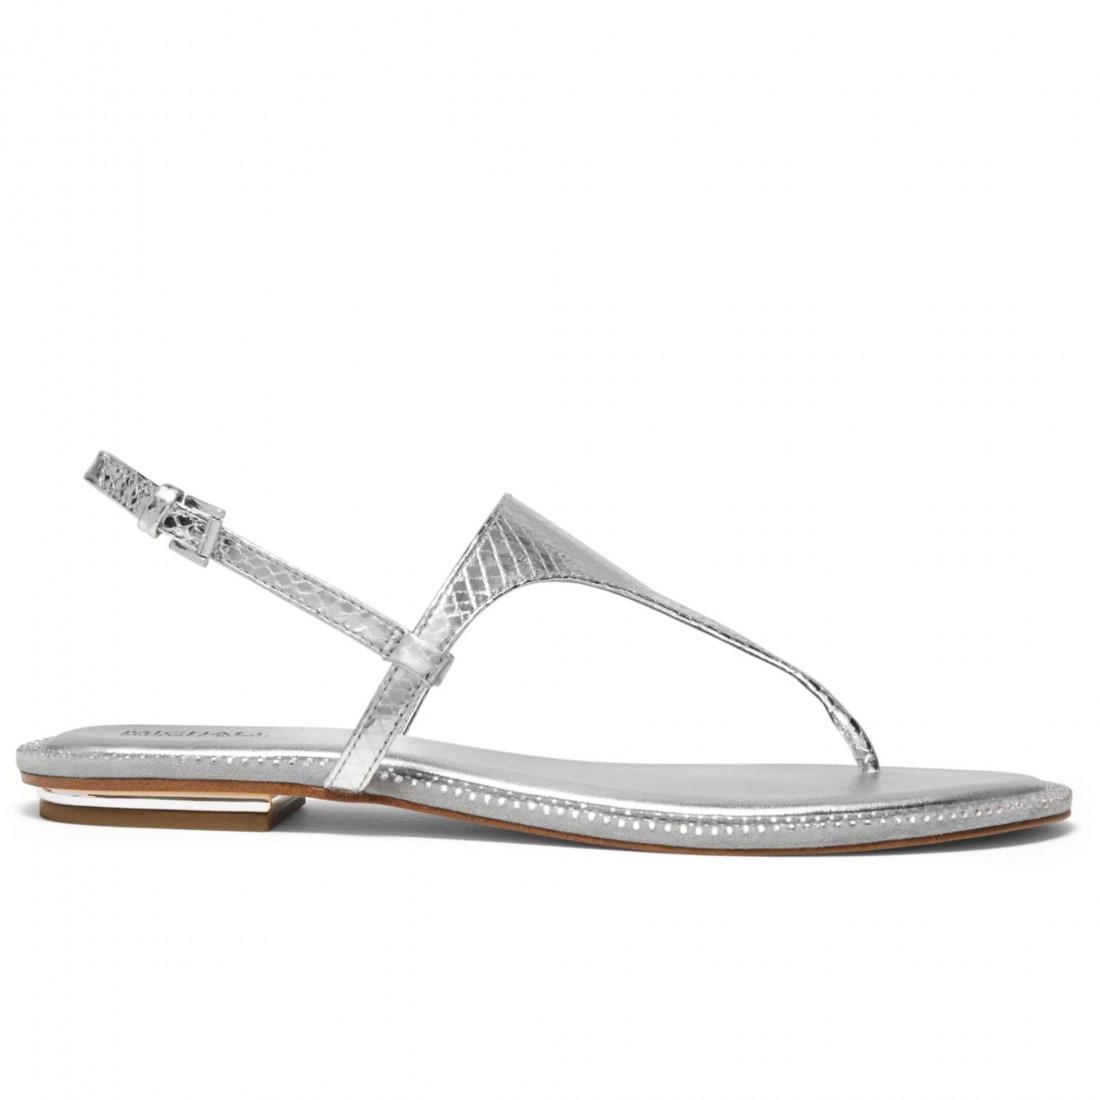 sandalen damen michael kors 40s9enfa2m 040 7401